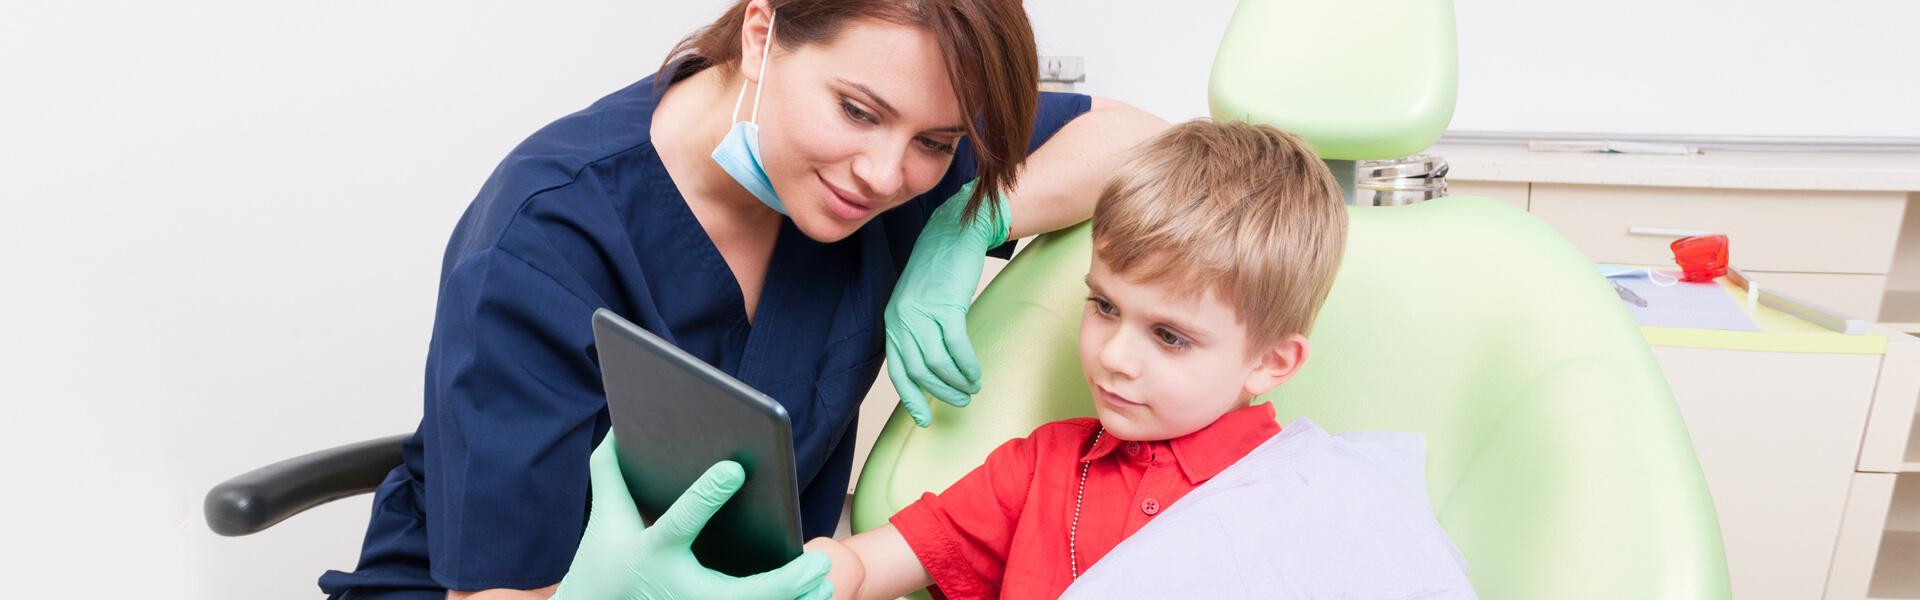 Dental Tips for School-age Children